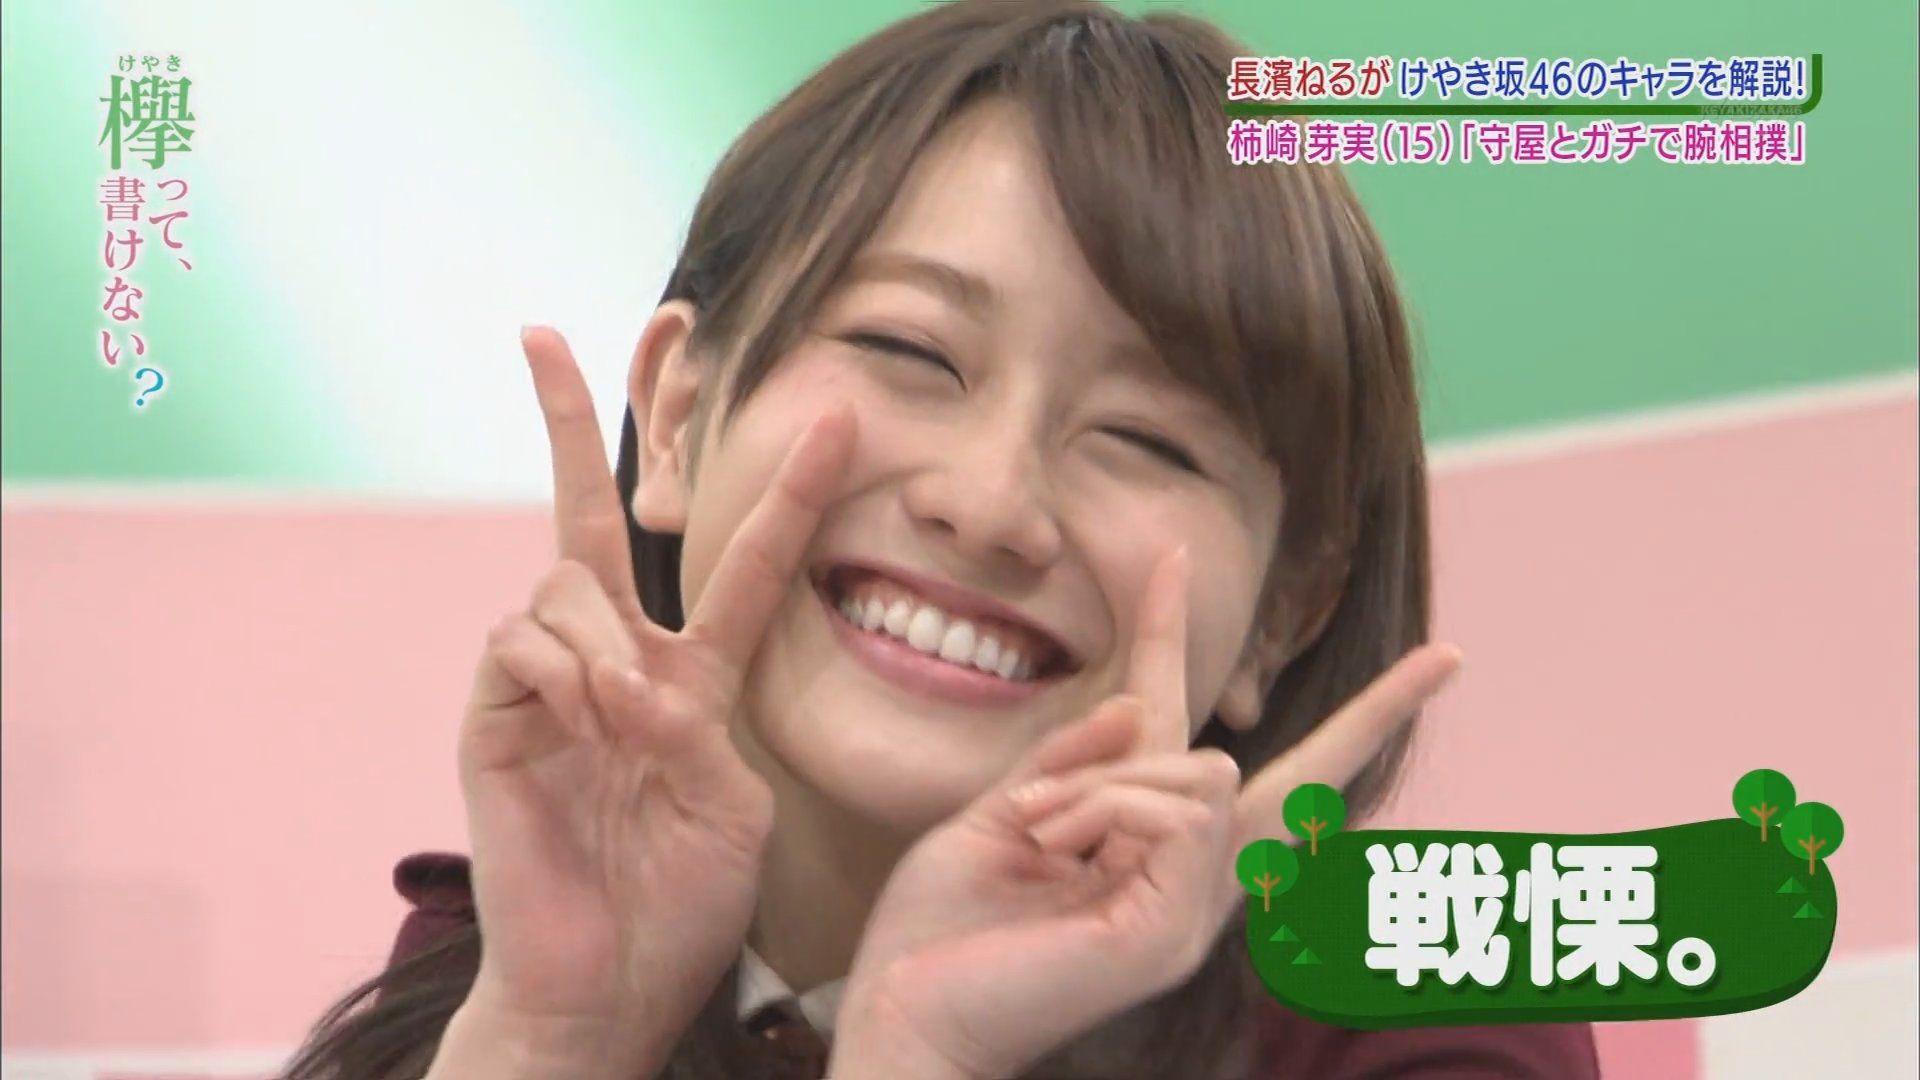 欅坂: Photo Products And Idol